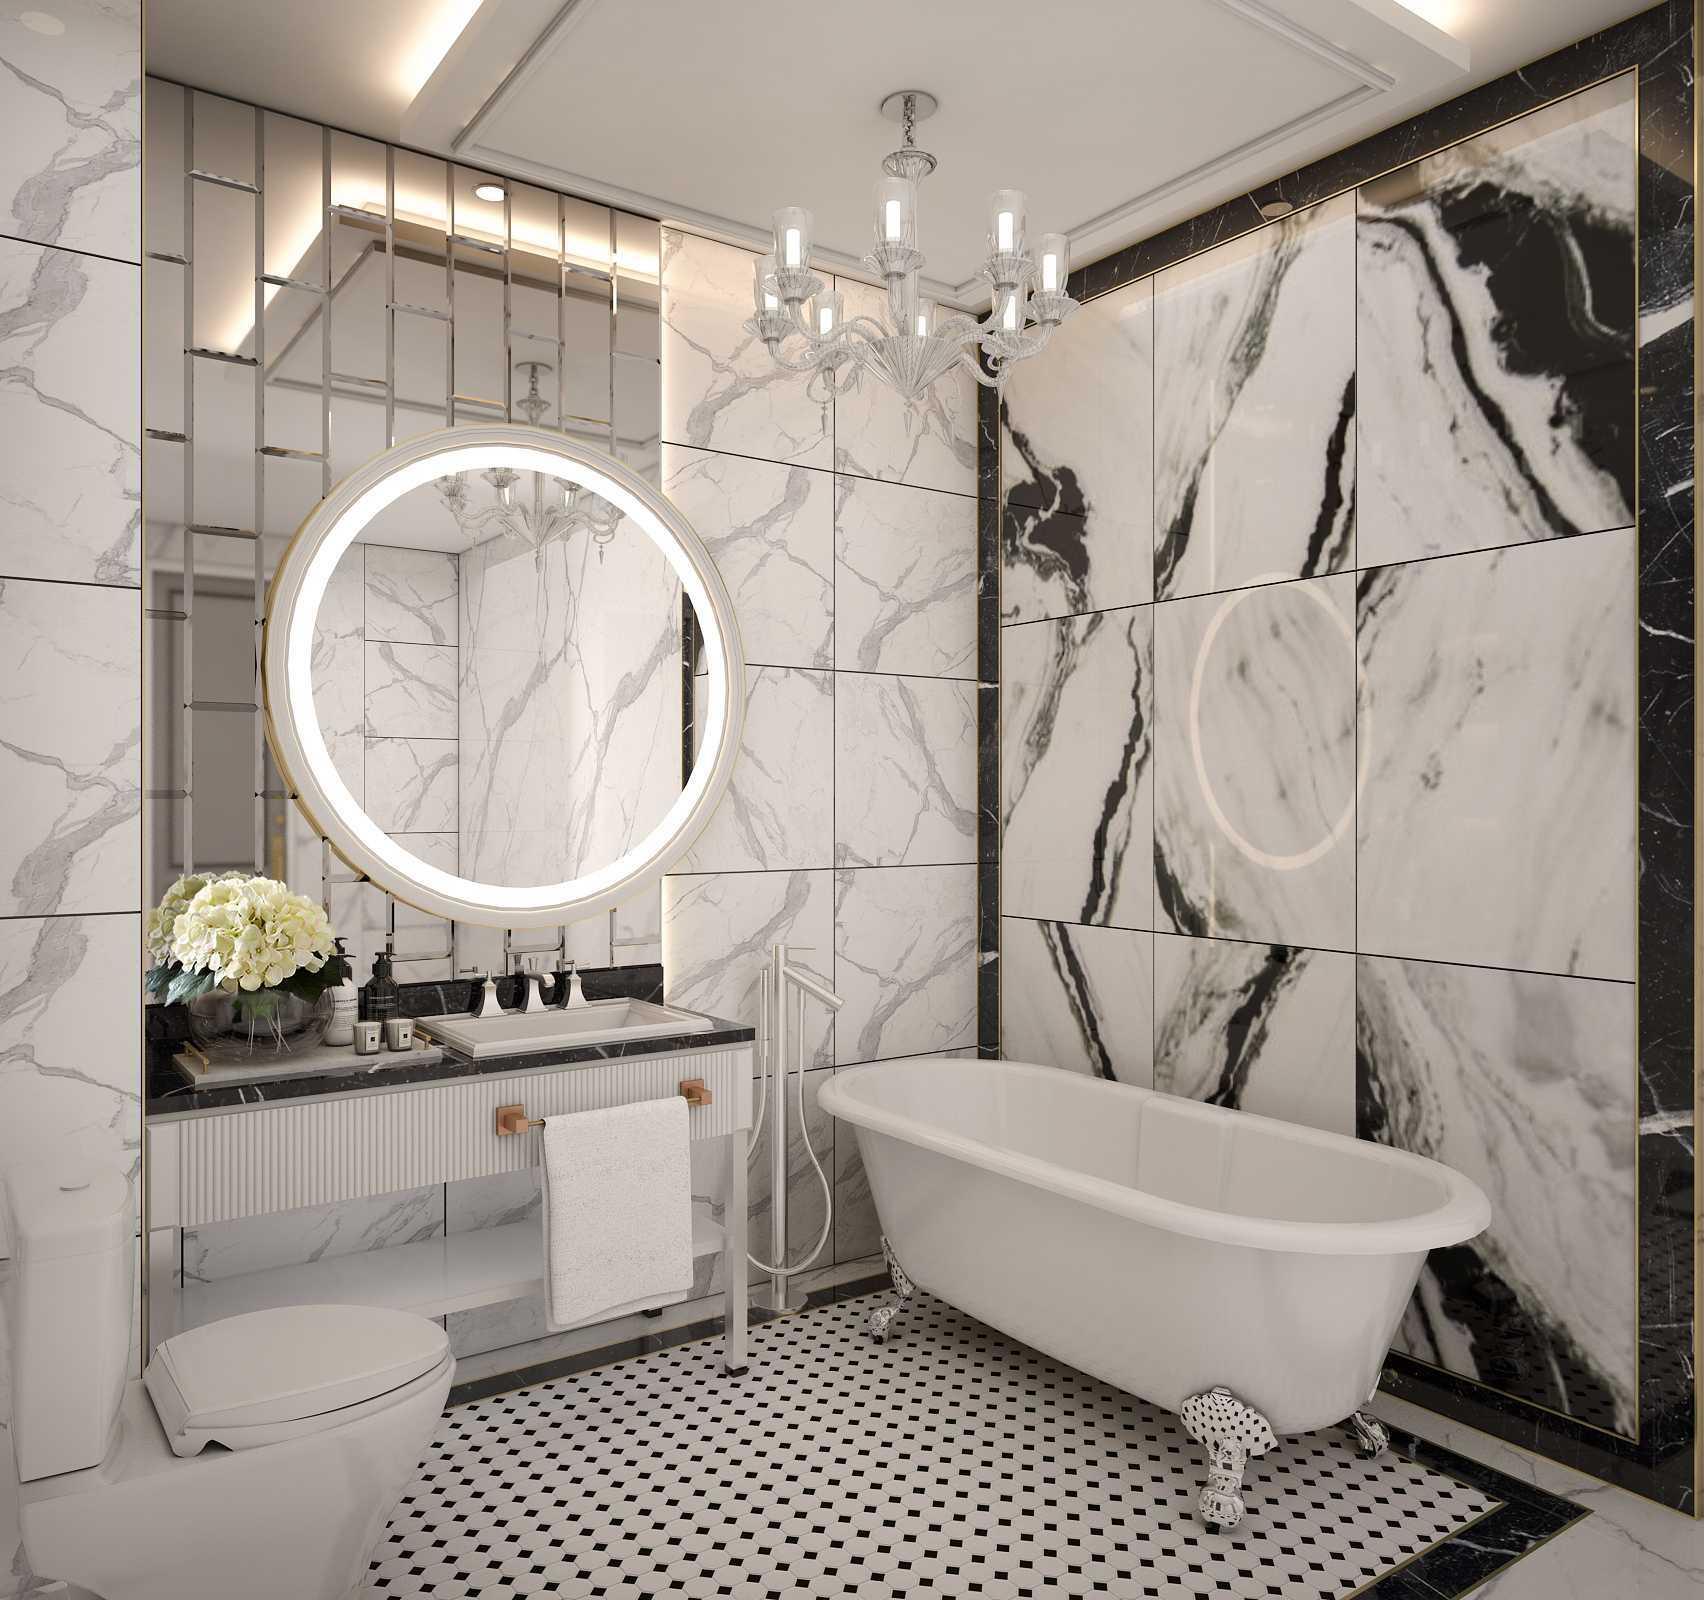 Mimic Concept Mrs. V - Bedroom Bandung, Kota Bandung, Jawa Barat, Indonesia Bandung, Kota Bandung, Jawa Barat, Indonesia Master Bathroom 1 Classic 88221